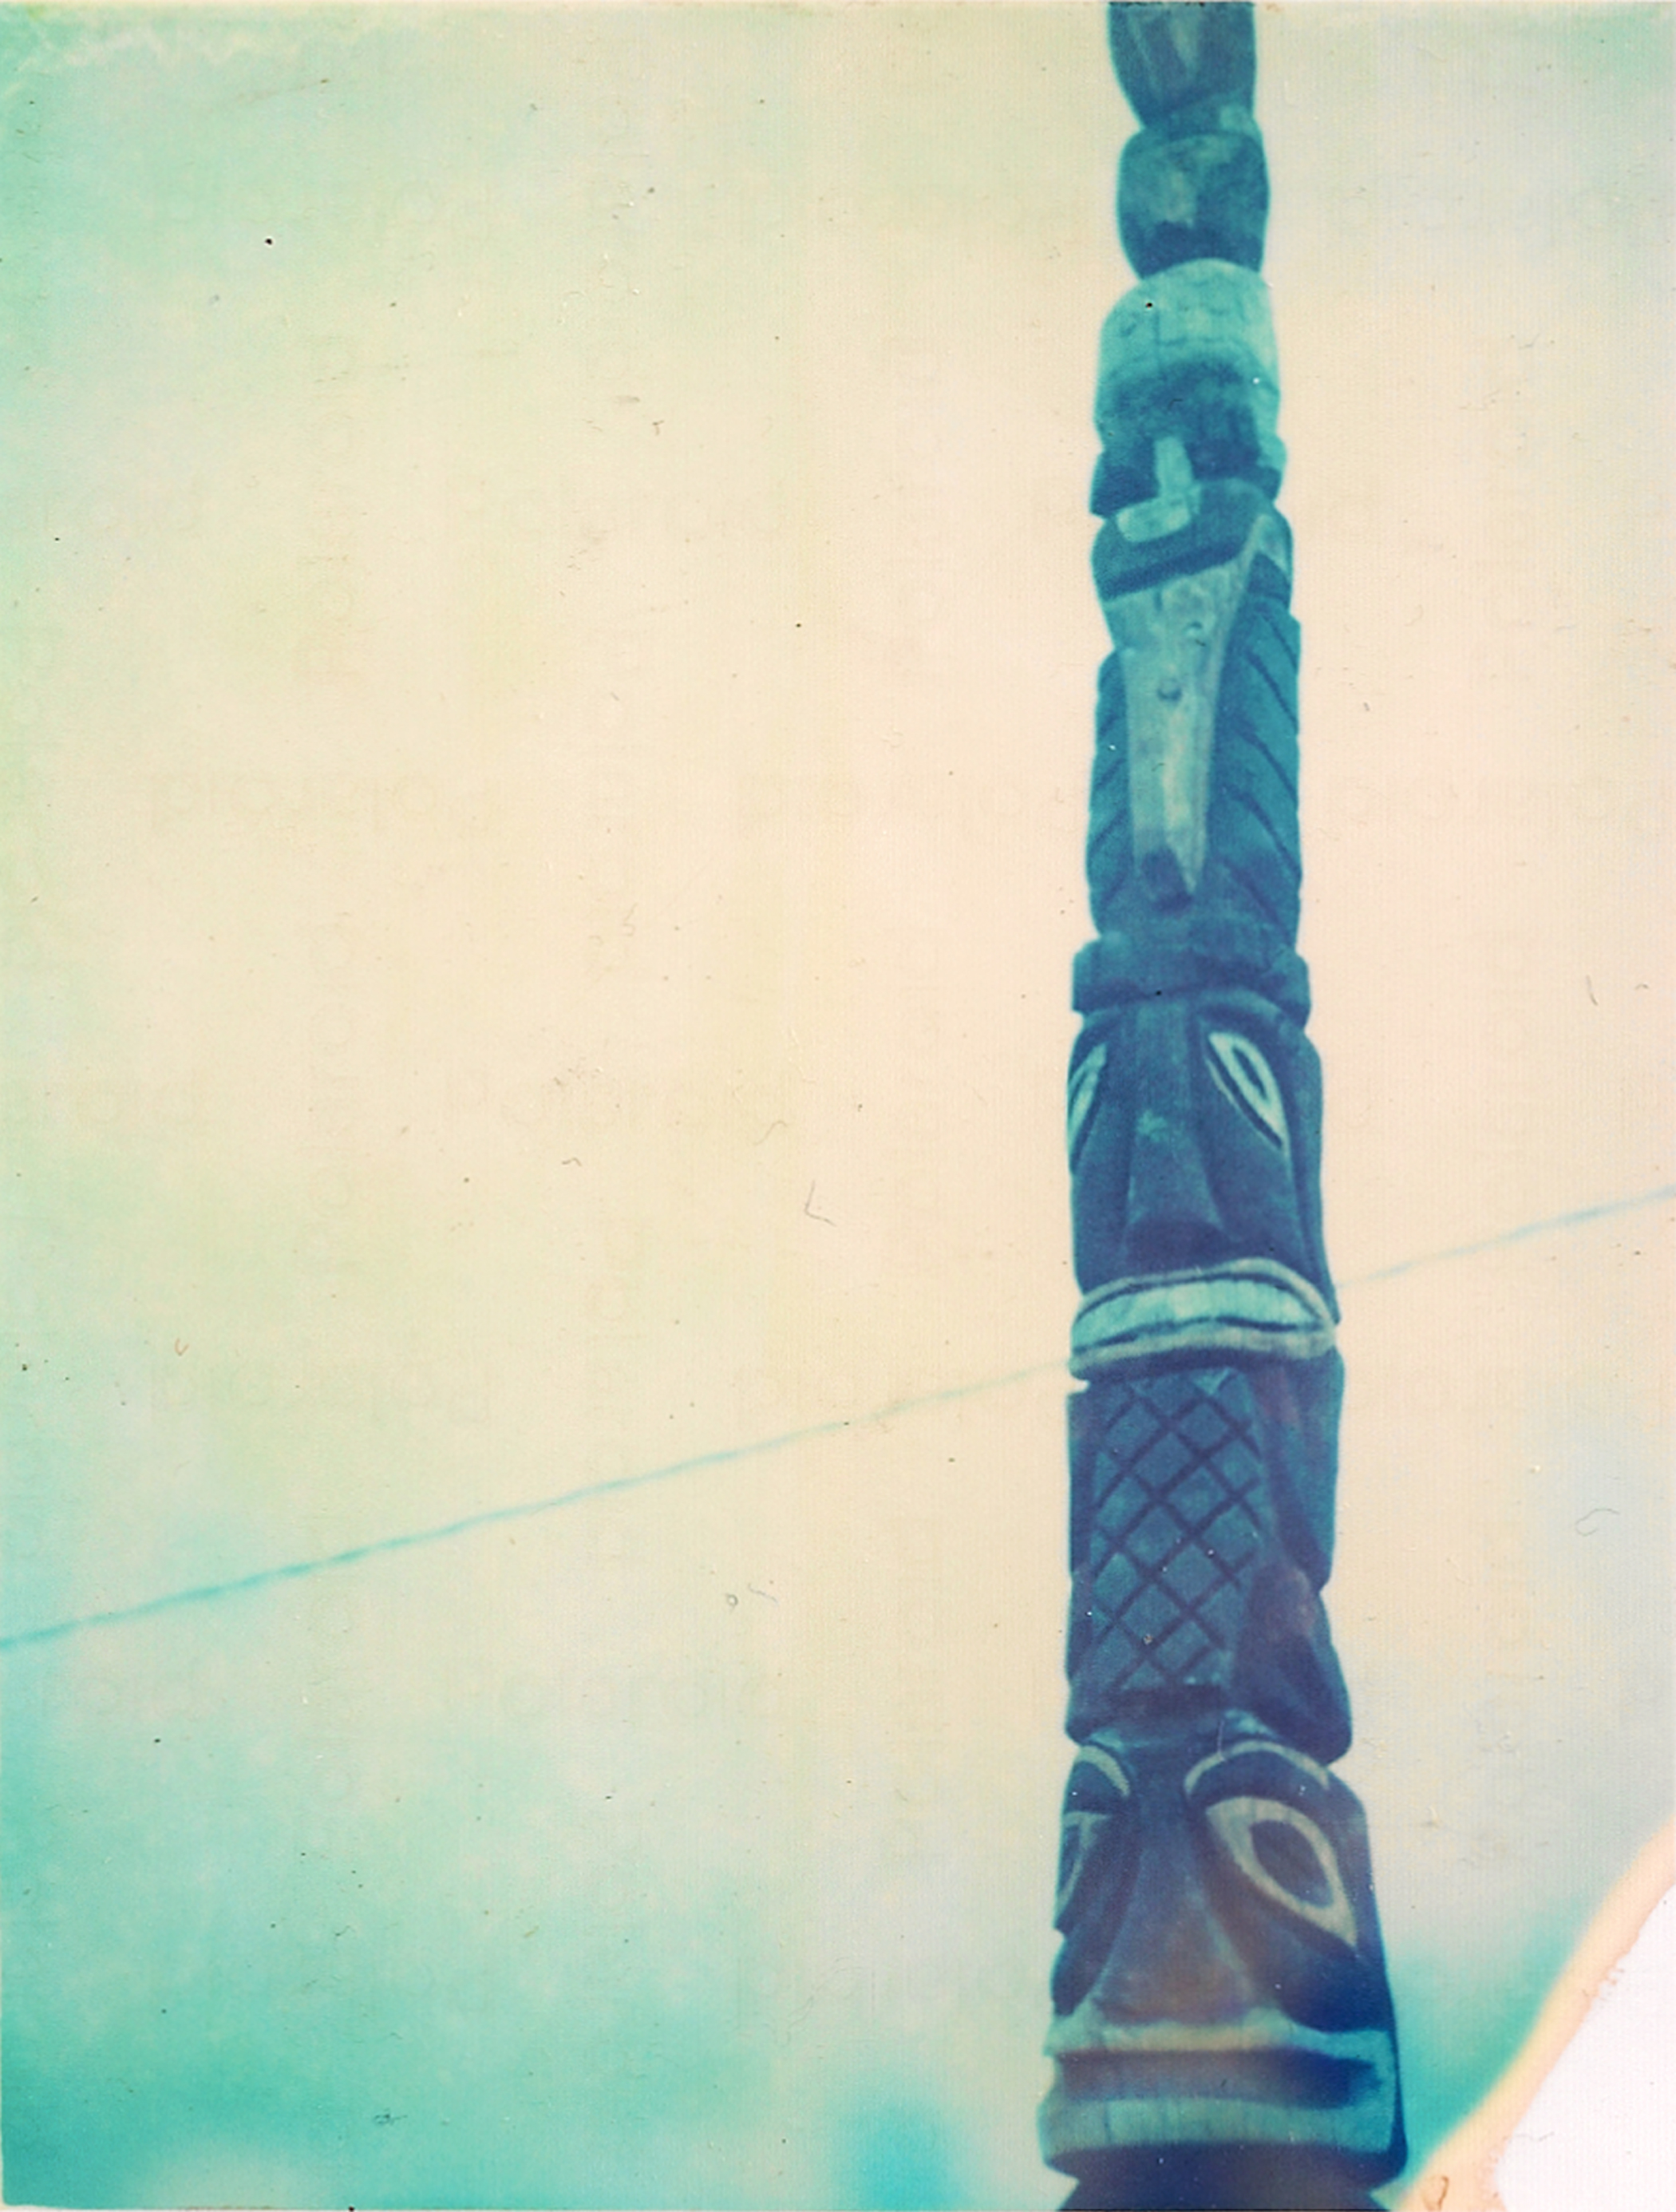 Totem cropped.jpg